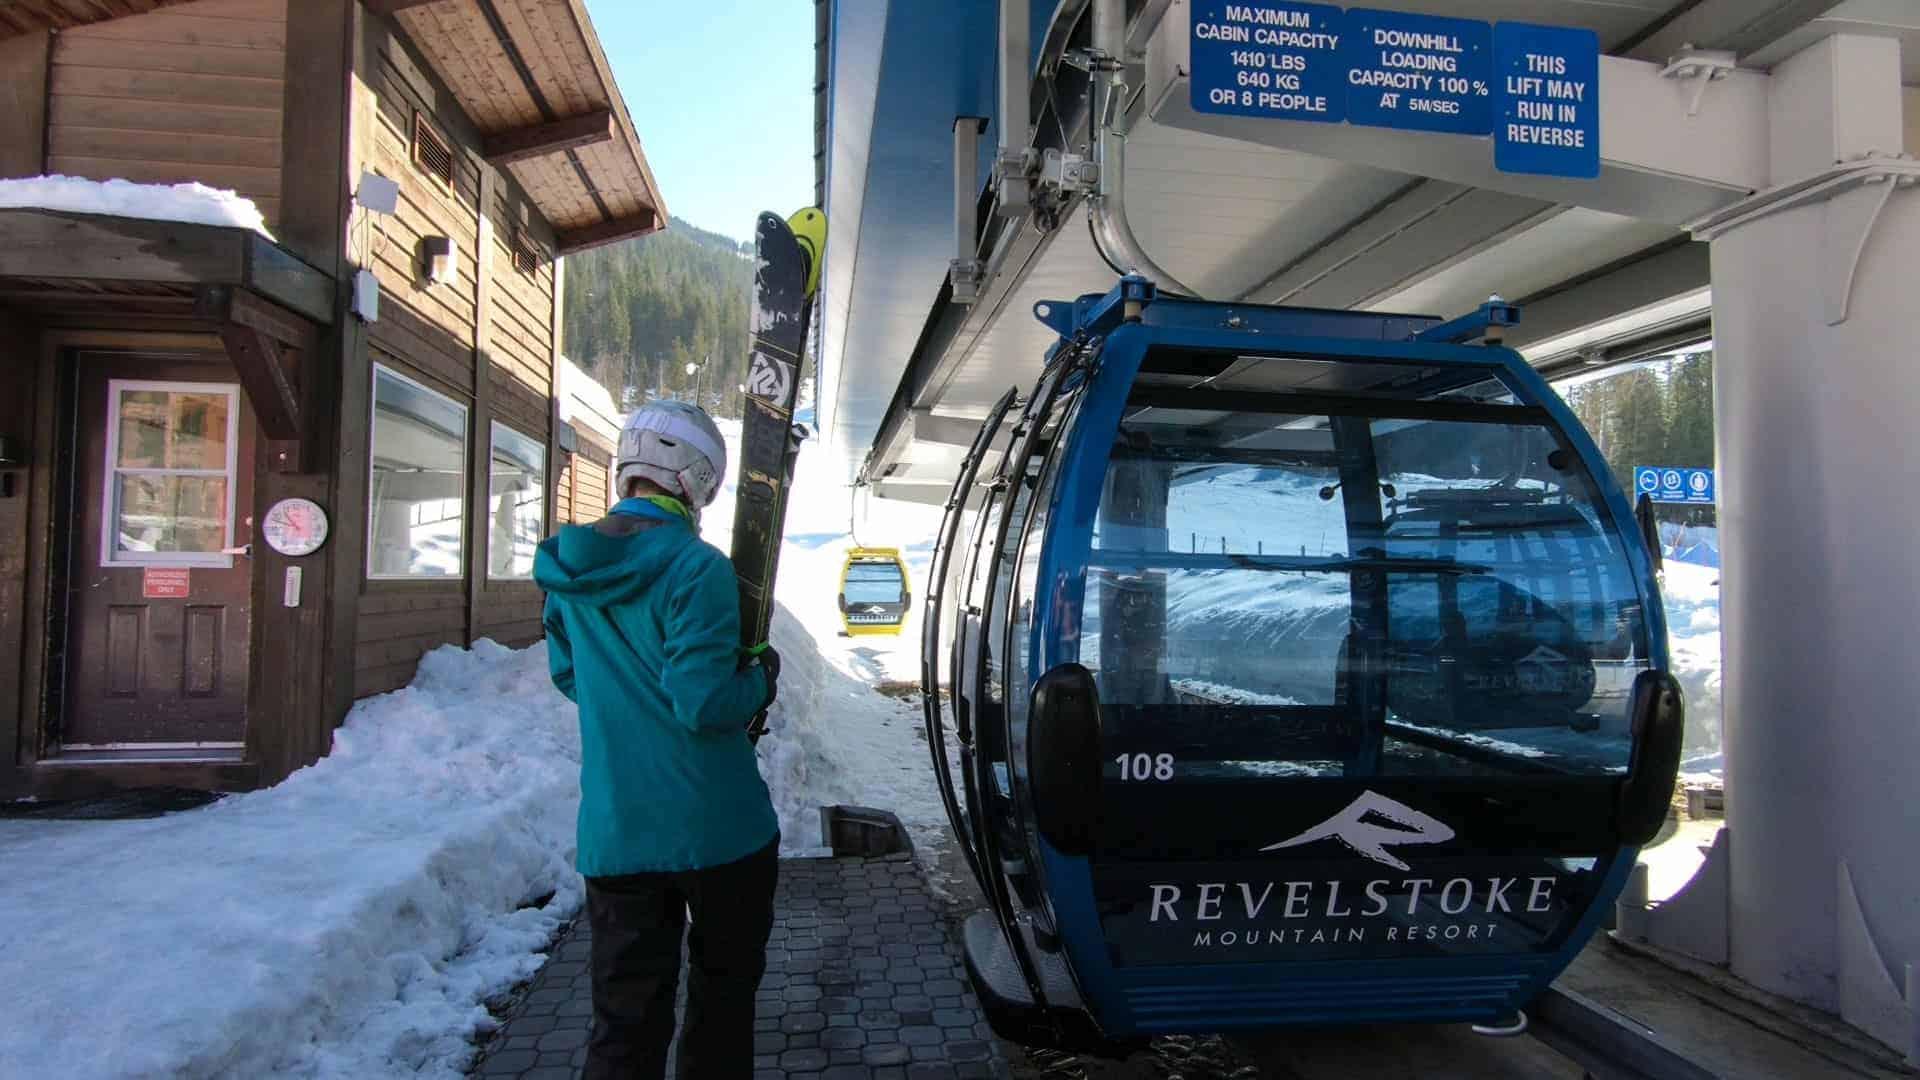 Winter Van Life Revelstoke-7